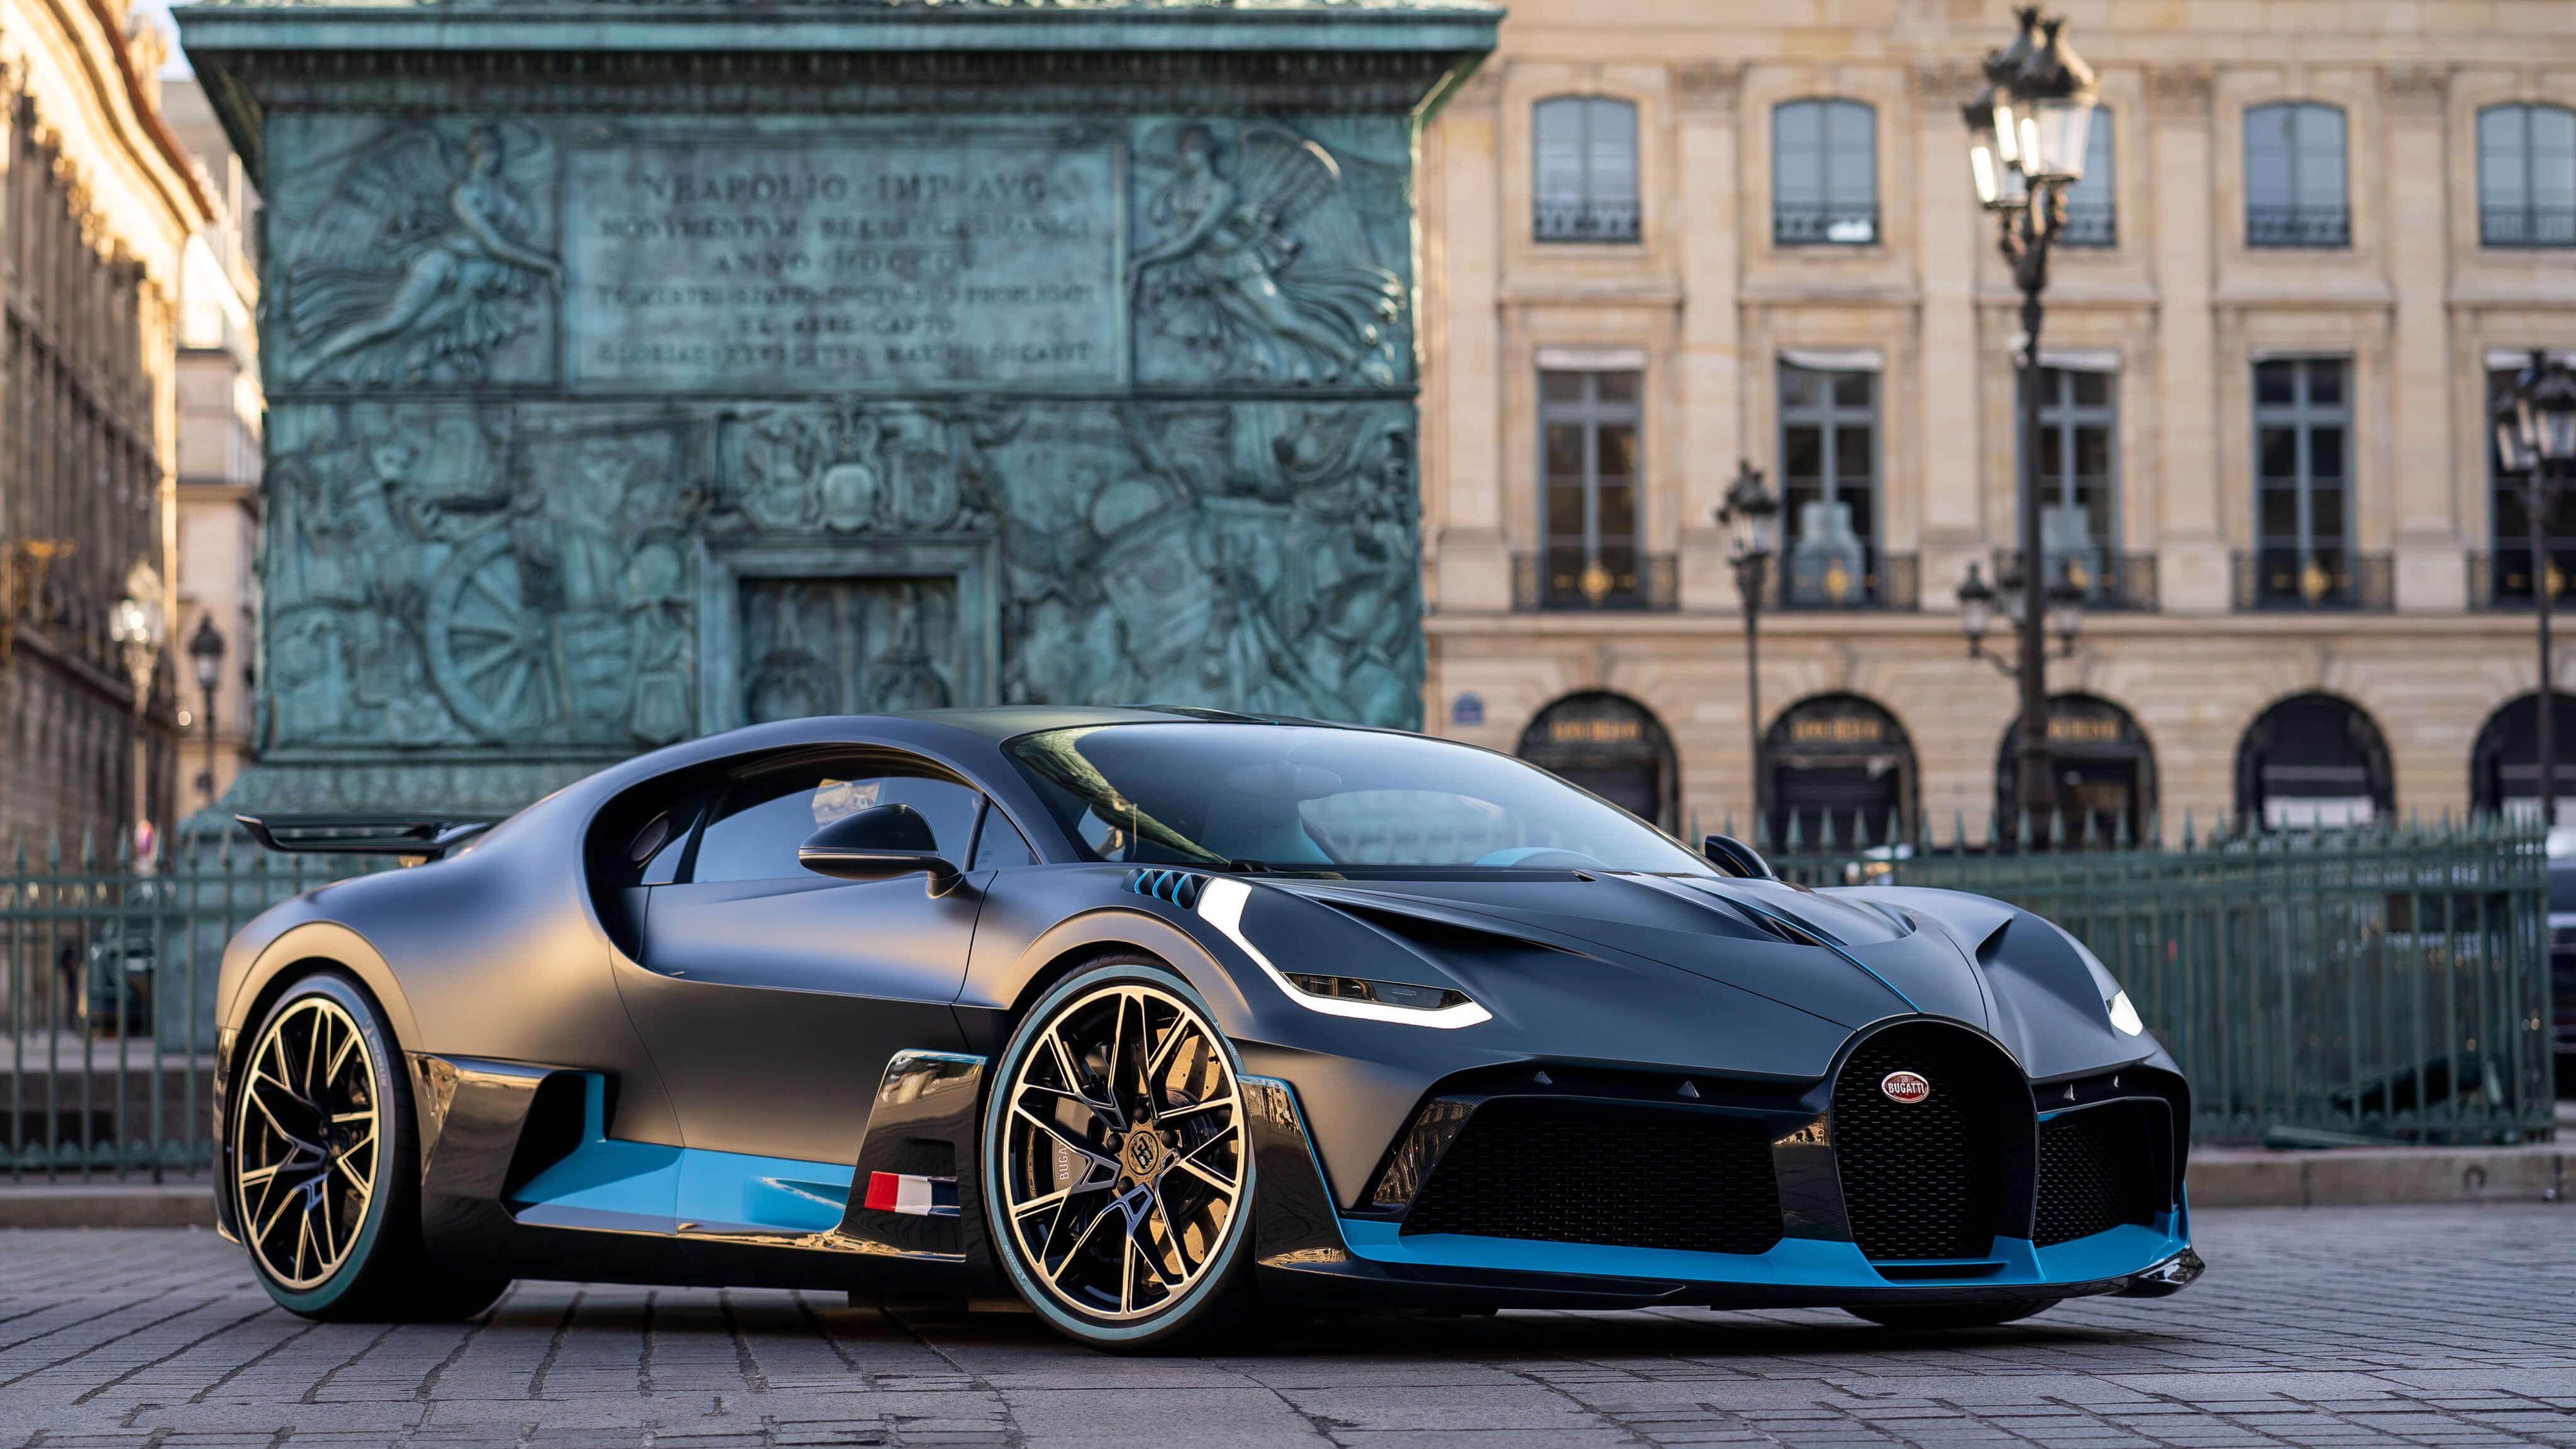 bugatti supercar background wallpaper 68650